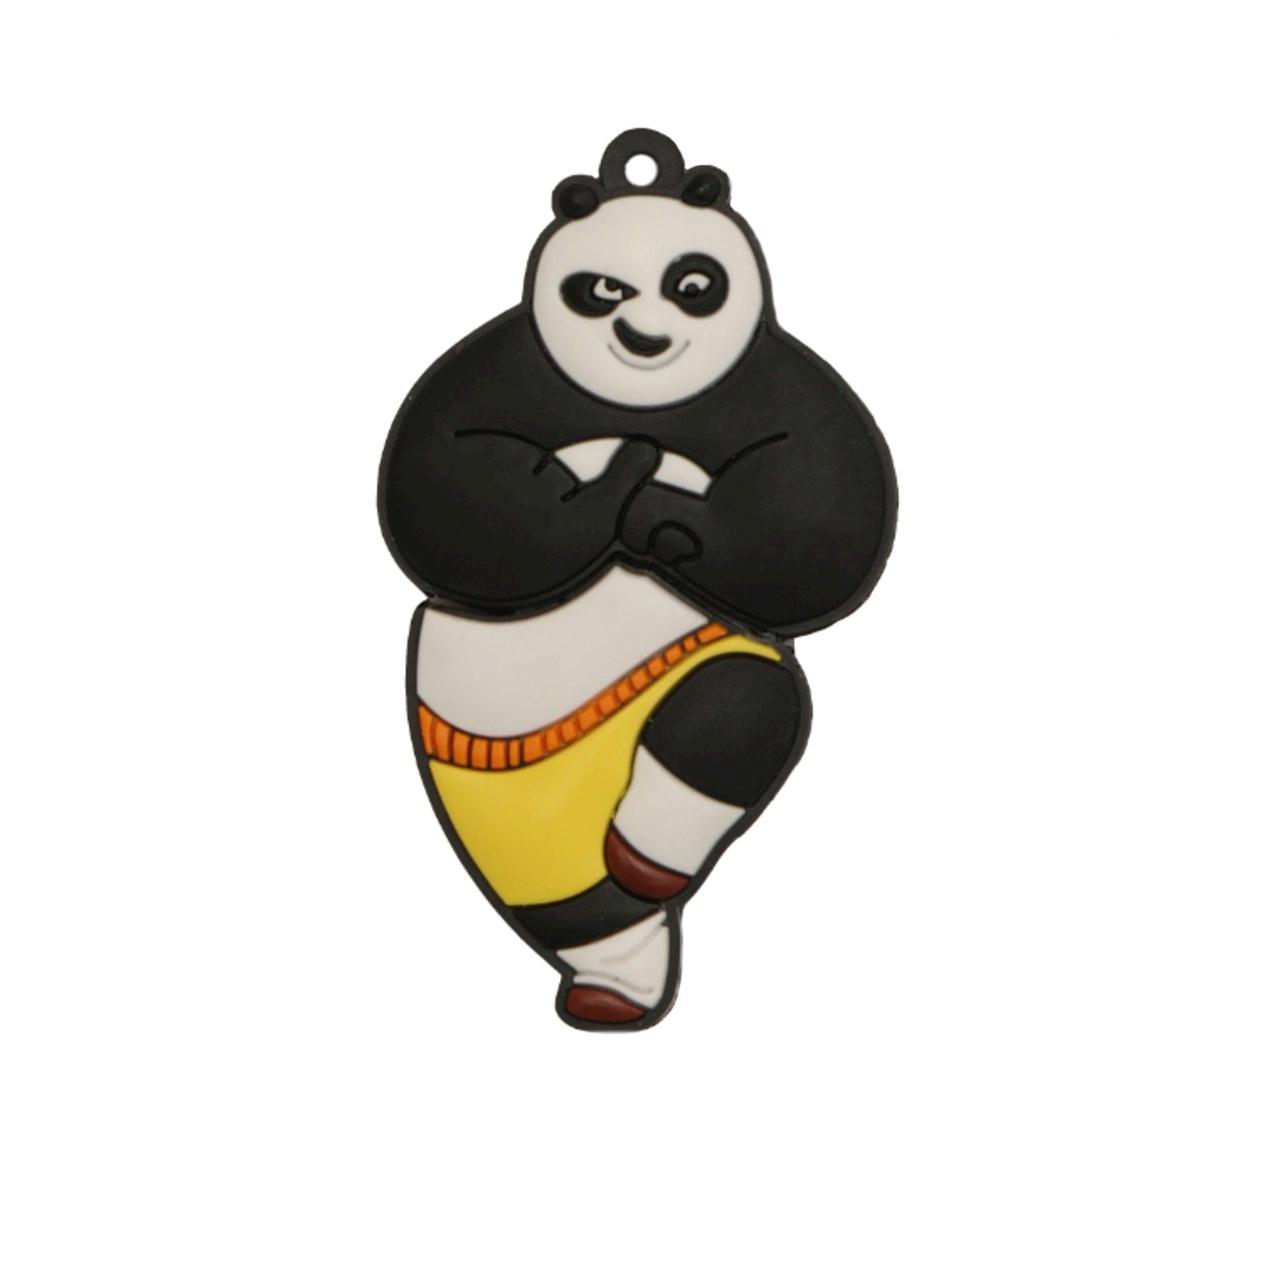 بررسی و {خرید با تخفیف} فلش مموری طرح Panda مدل DPL1085-U3 ظرفیت 64 گیگابایت اصل